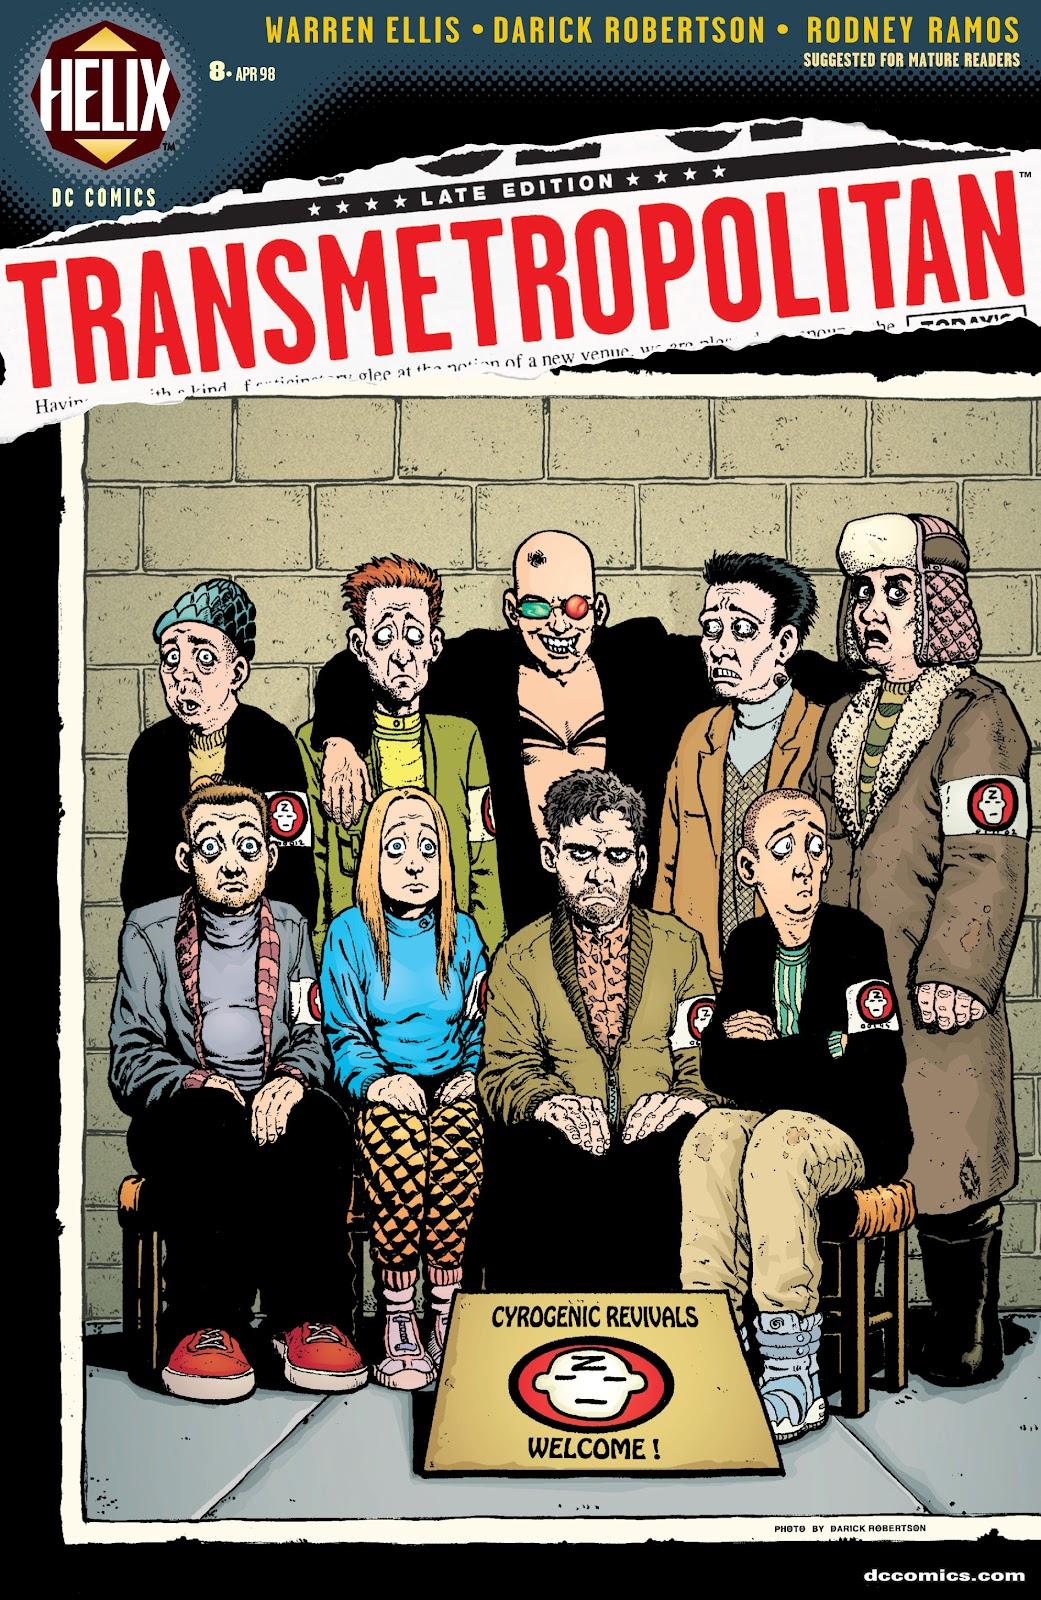 Transmetropolitan 8 Page 1